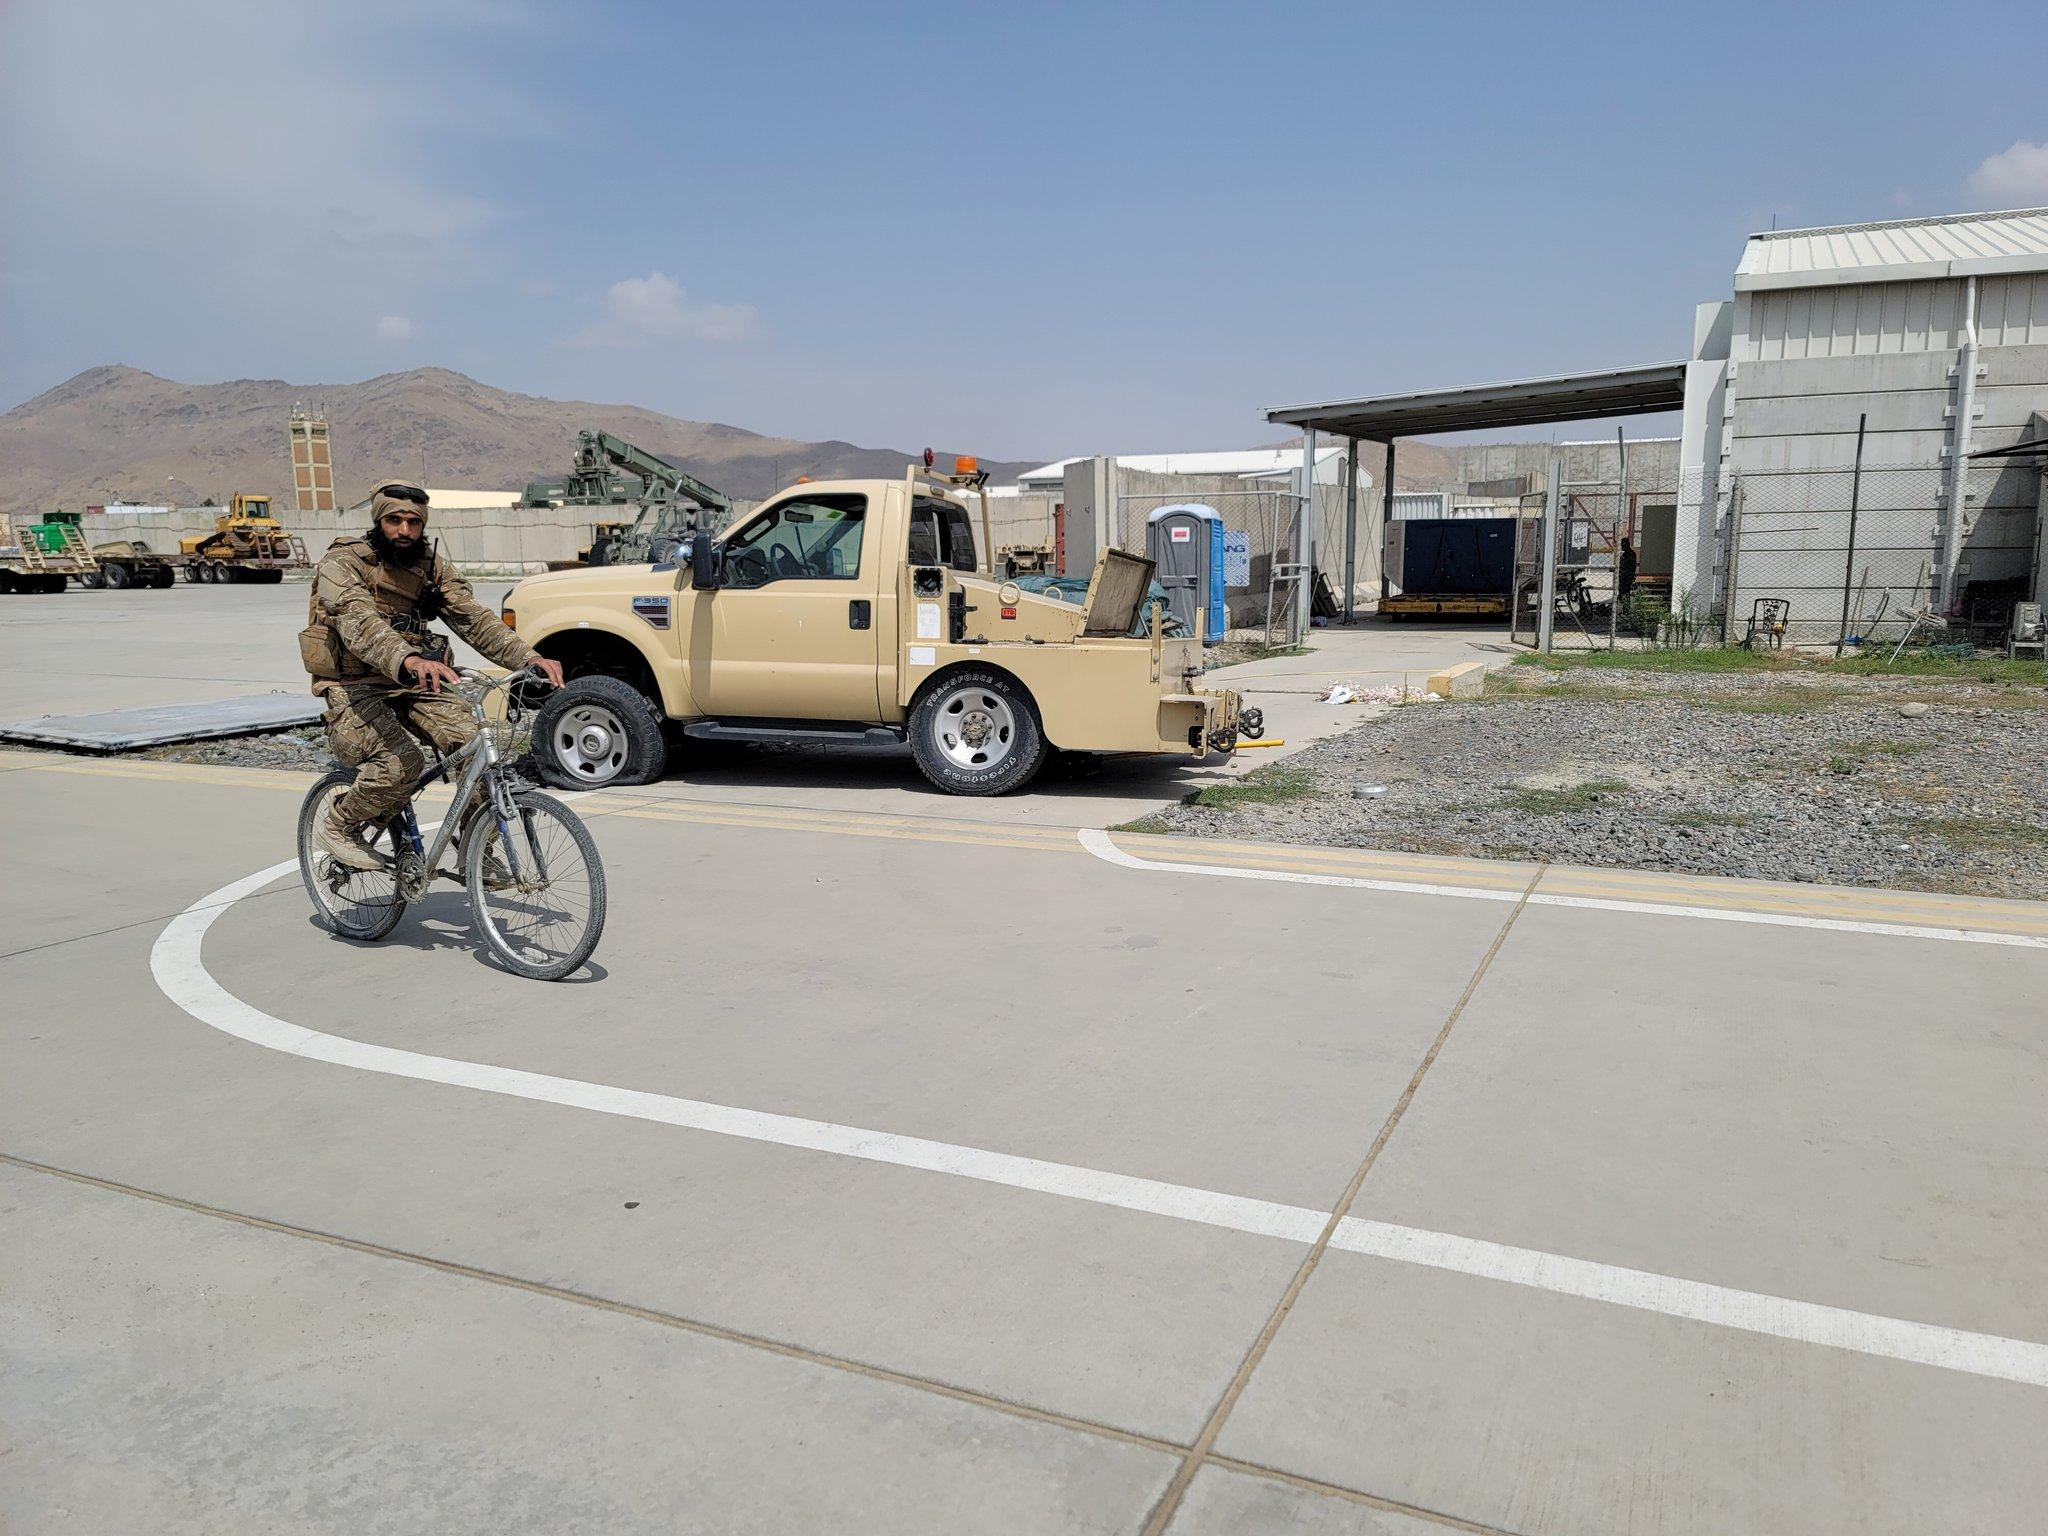 האמרקאים השקיעו באפגניסטאן 2.3 טרליון דולר-הם נטשו מסוקי קרב מטוסים רבים בתוך אפגניסטאן כולל ציוד צבאי רב E-GW2OzWUAAav5I?format=jpg&name=large